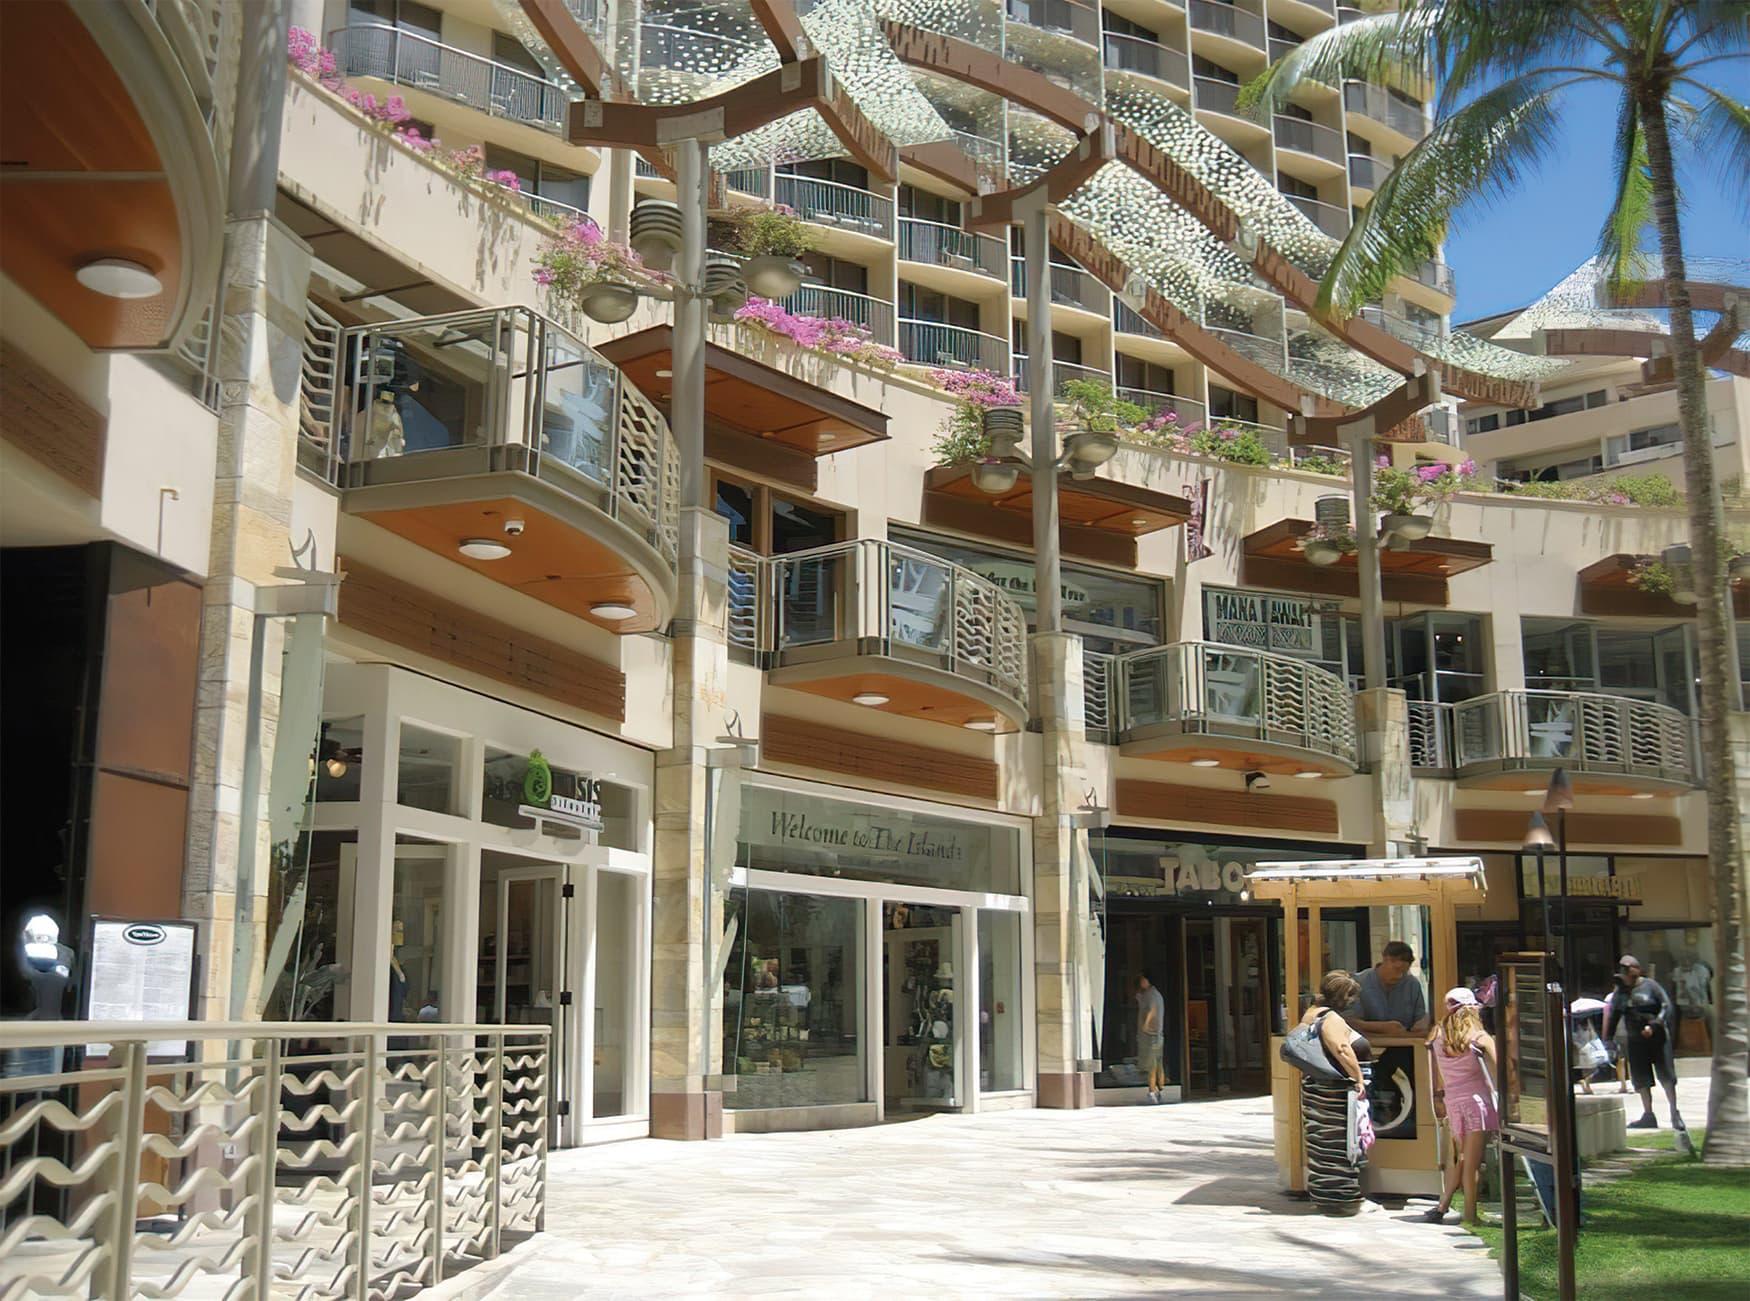 Waikiki Beach Walk. Public Art and Mural Design. Environmental Graphic Design.